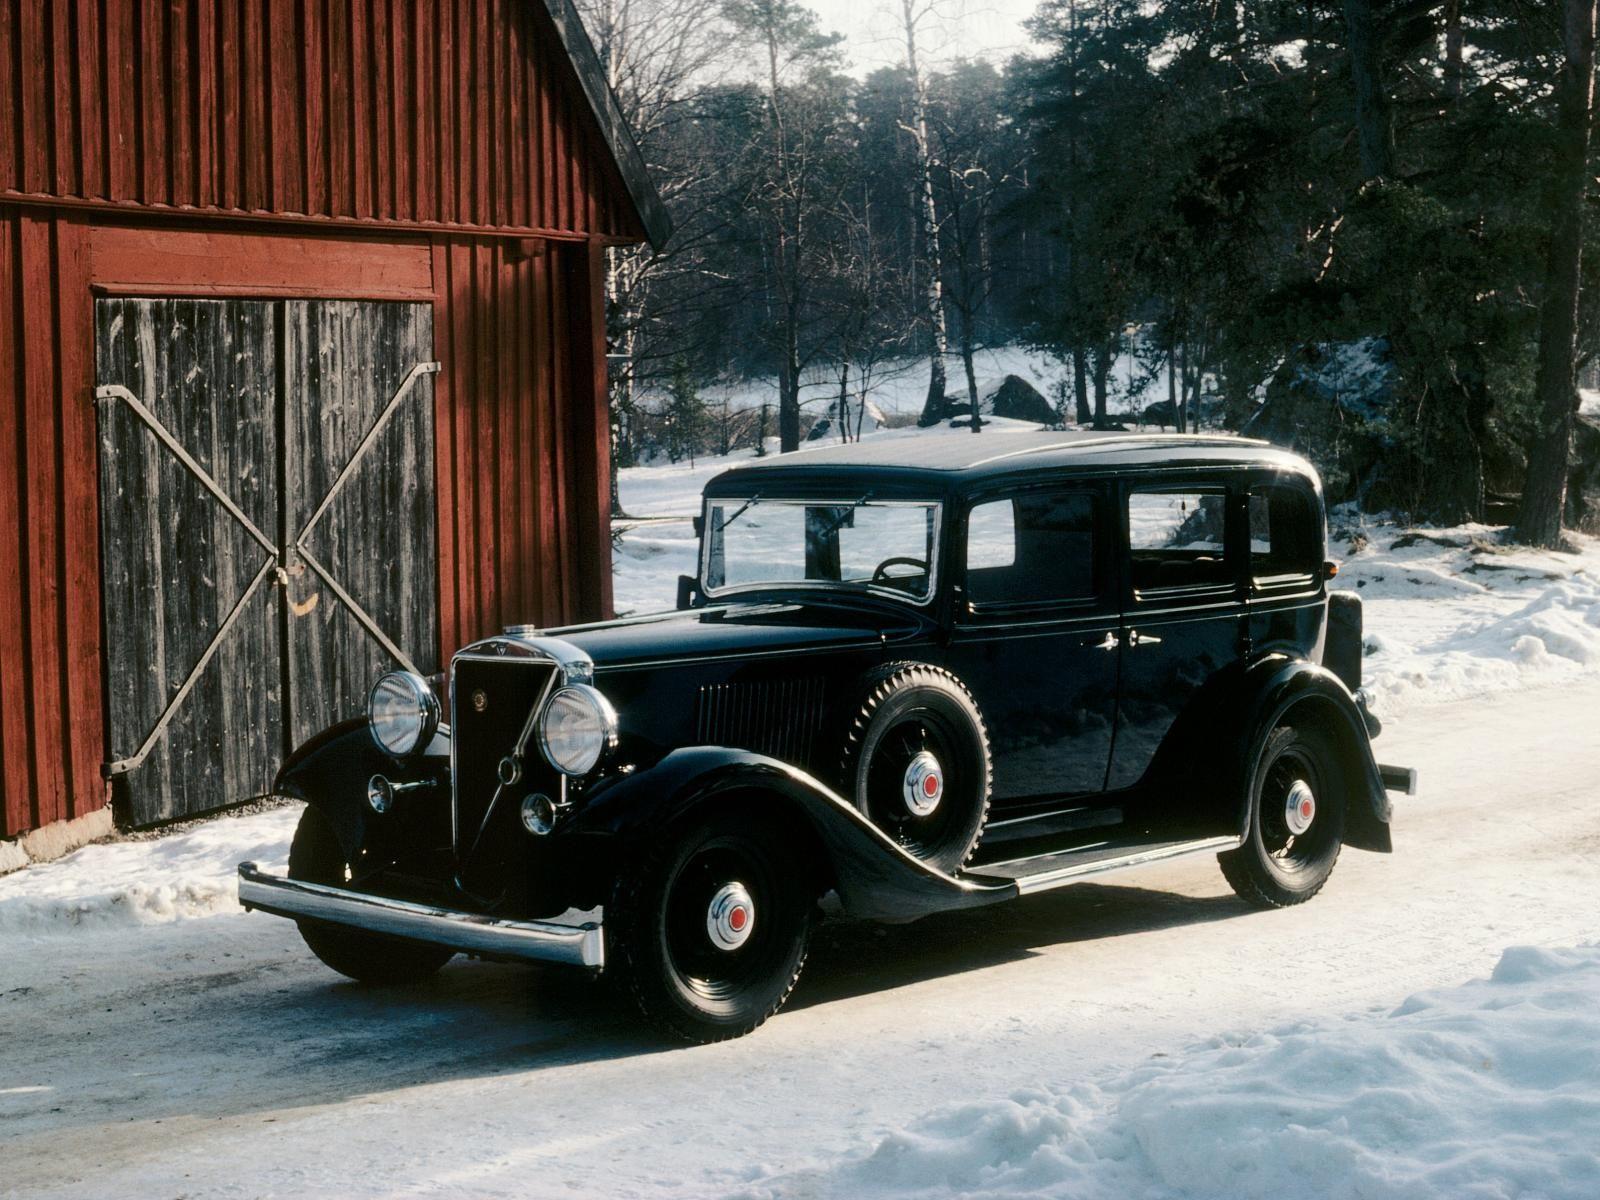 271 best Volvo oldtimers images on Pinterest | Vintage cars ...